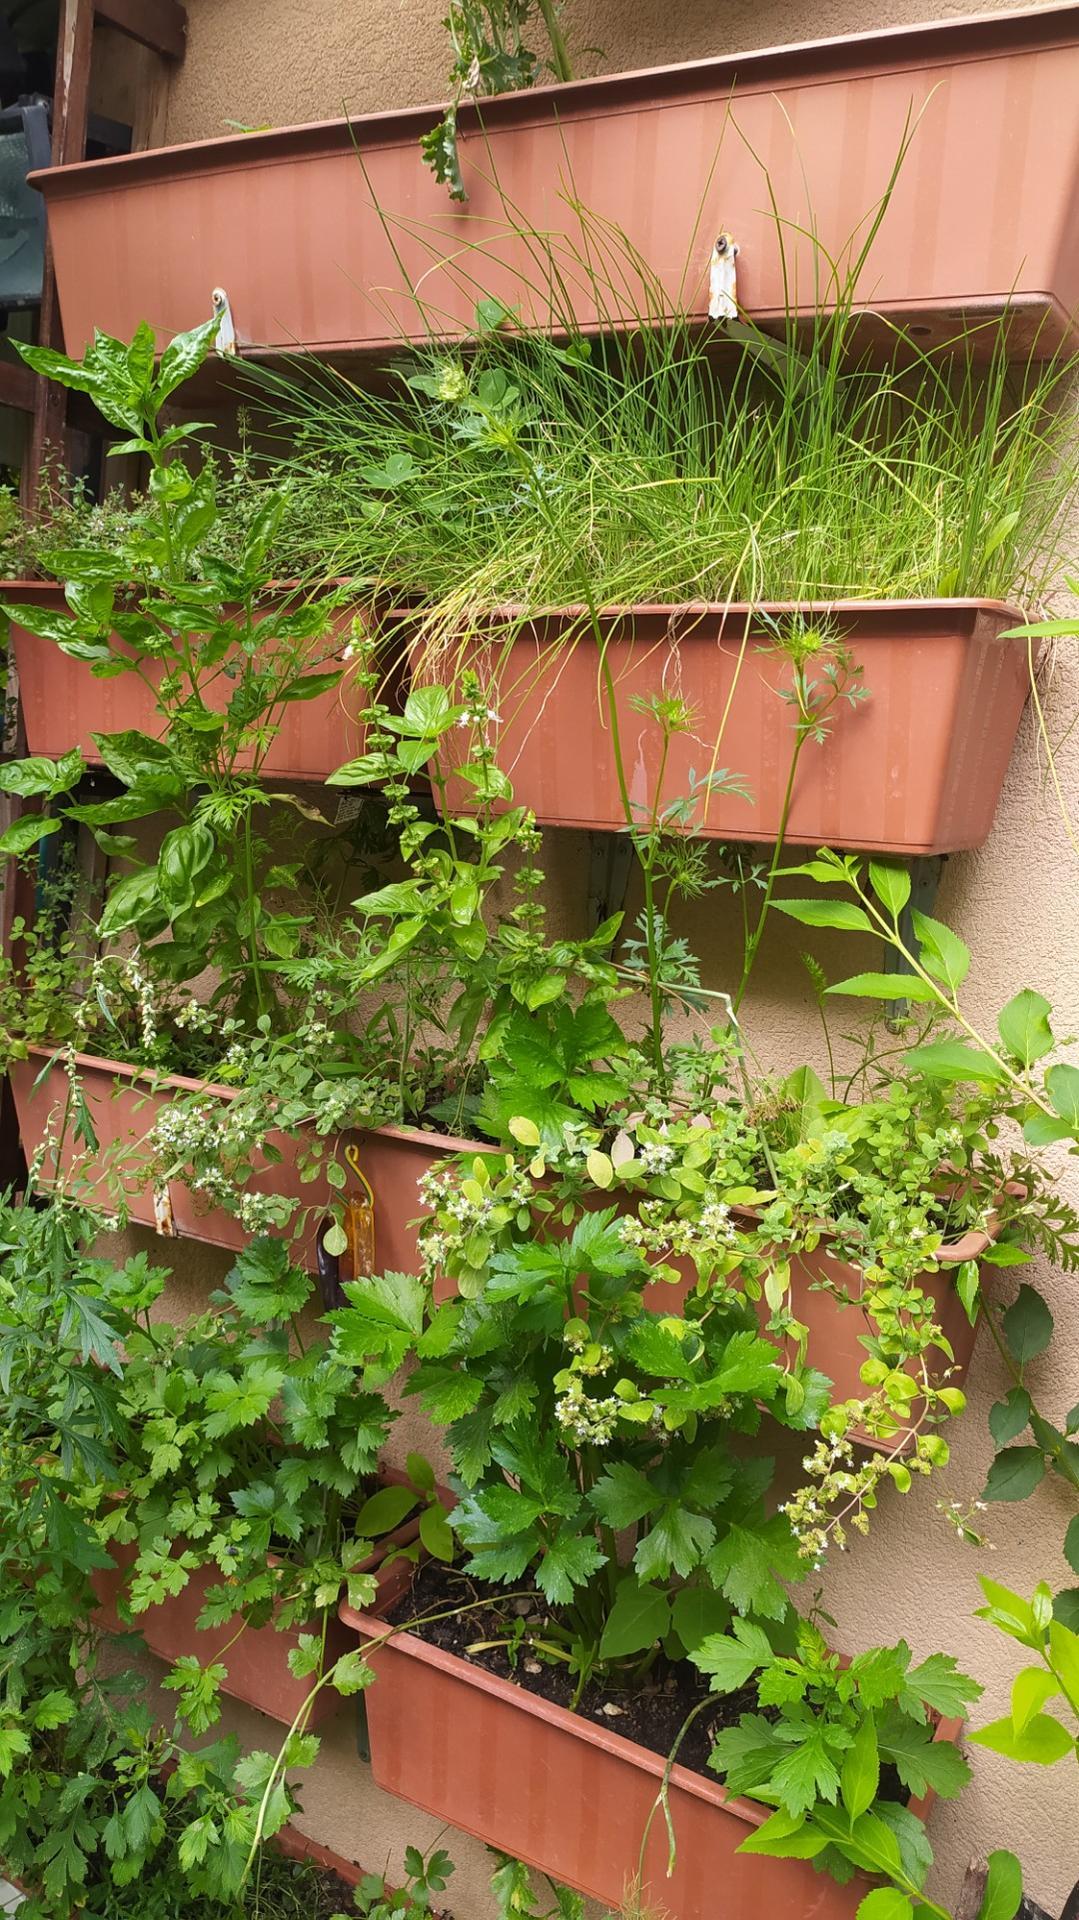 Moja záhradka,moja radosť,relax. - Obrázok č. 9